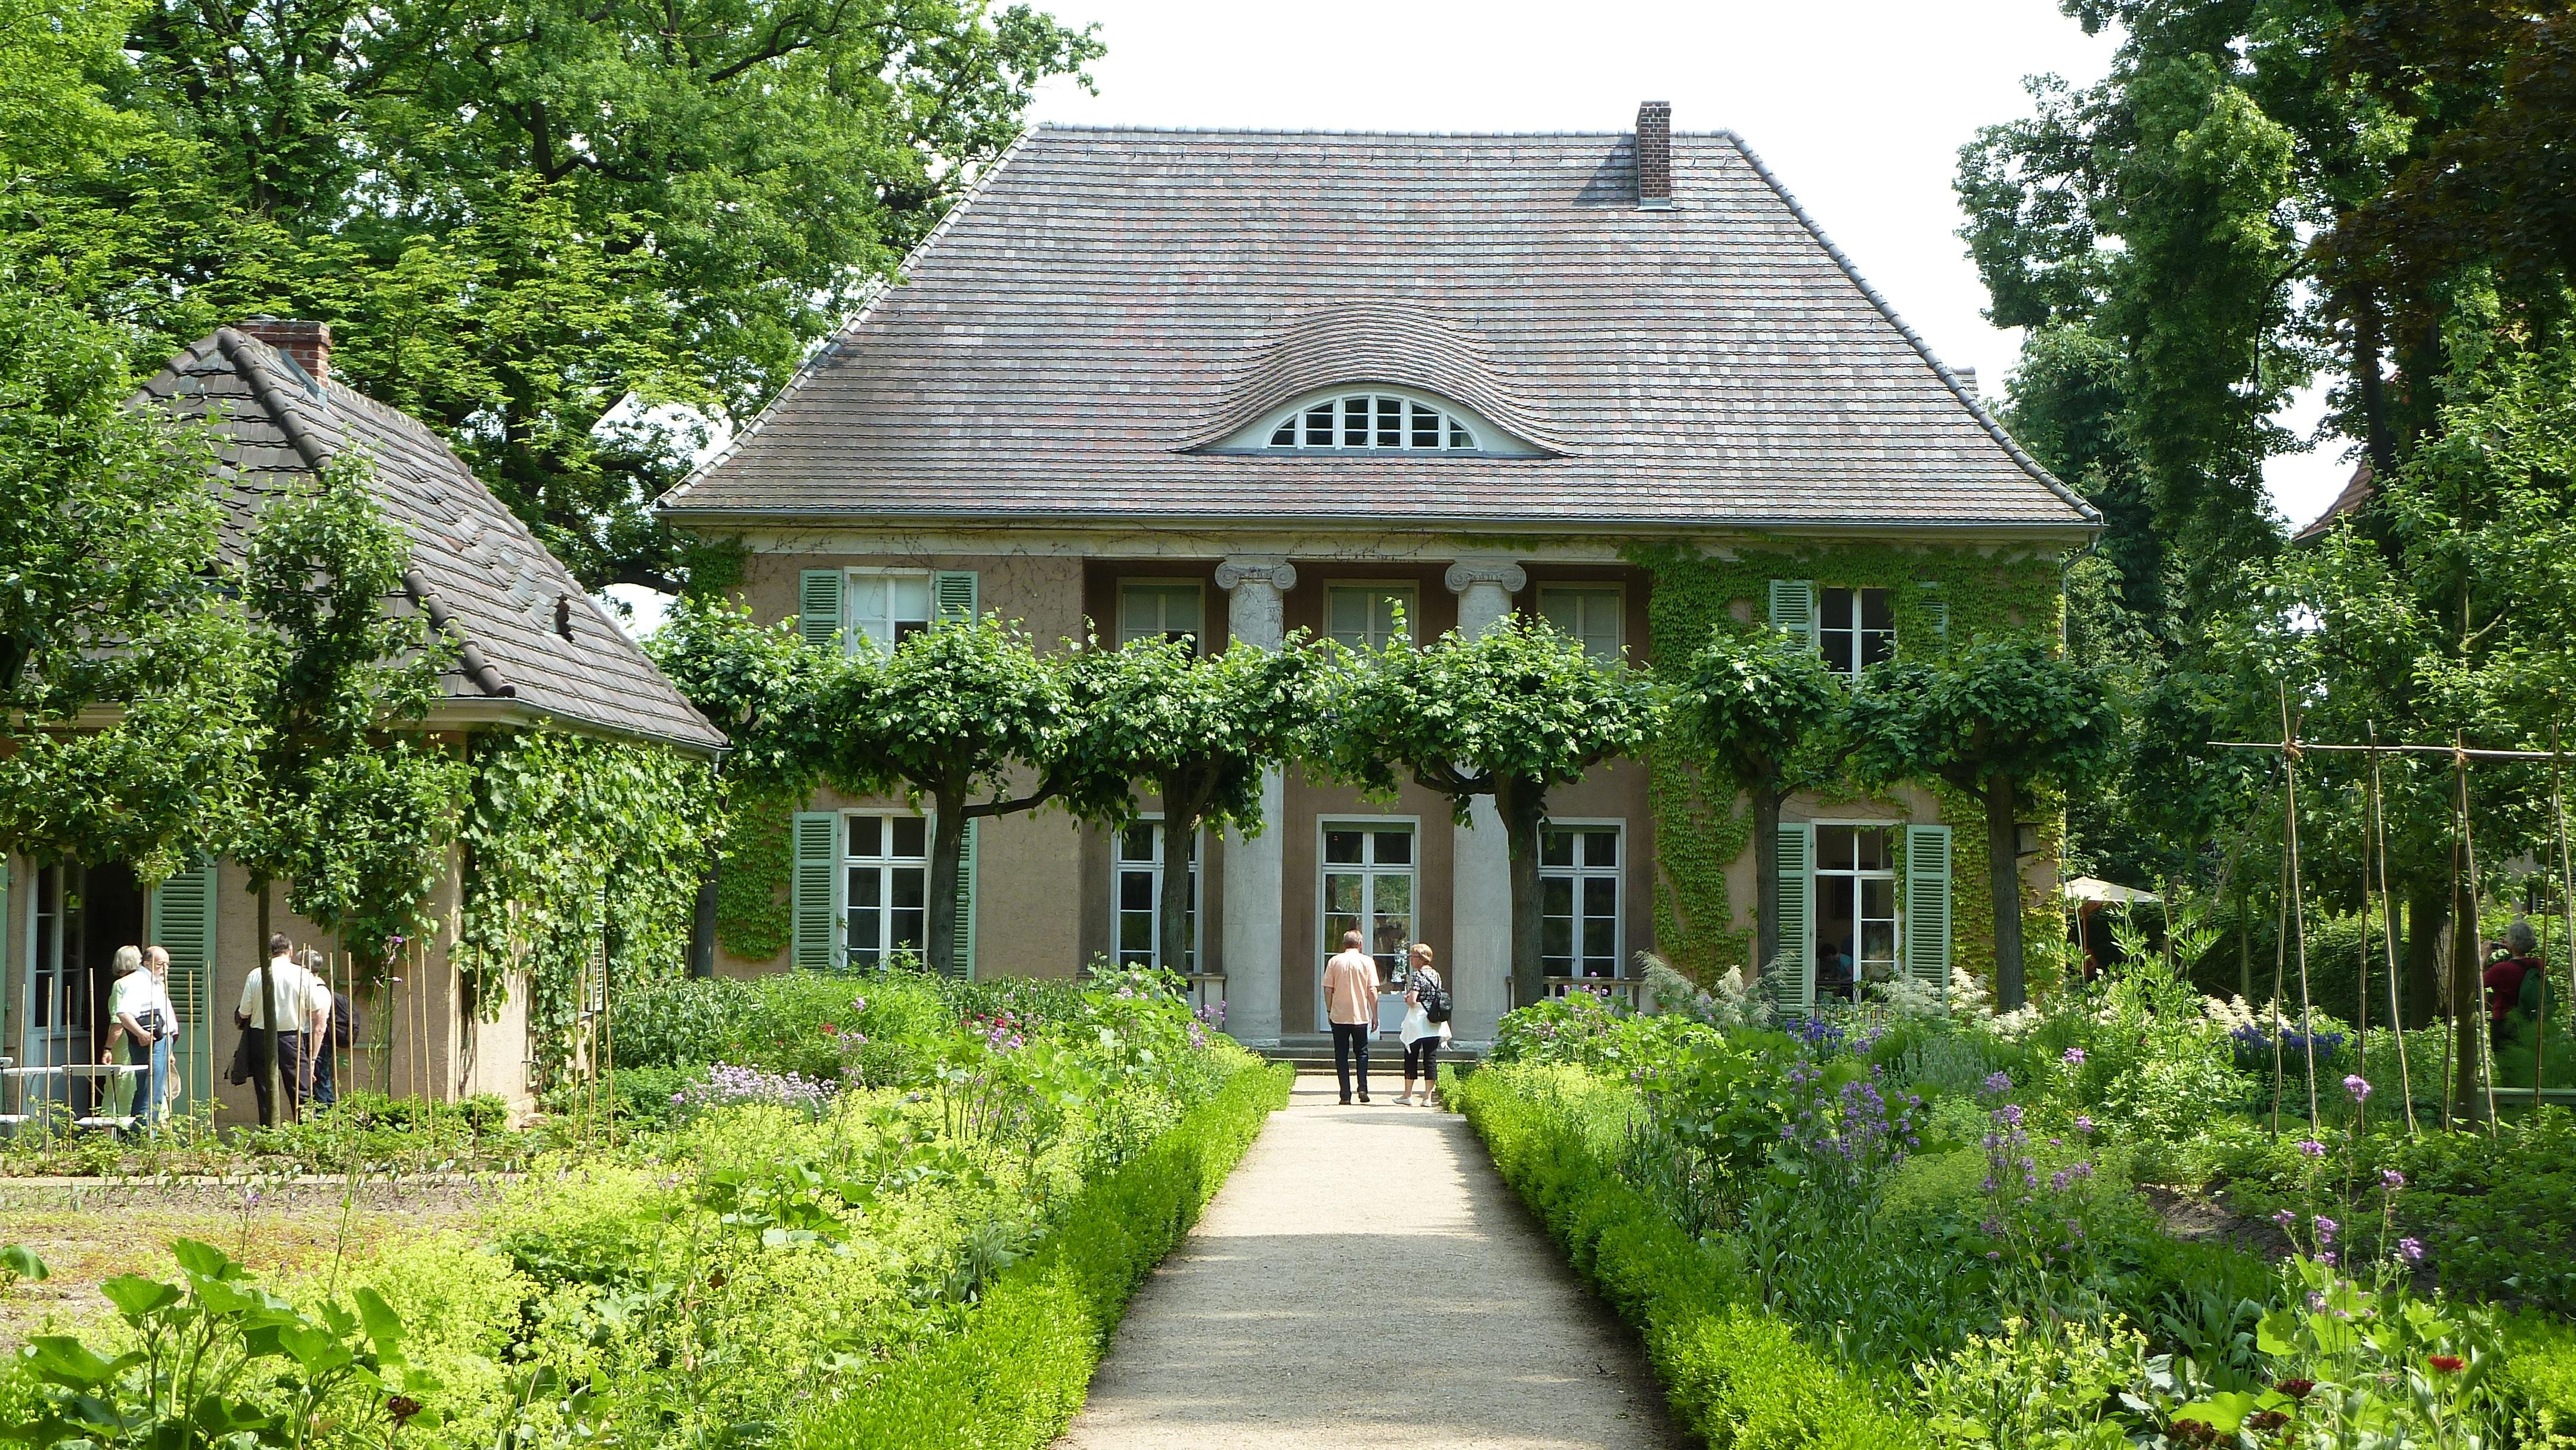 Fotos Gratis Villa Palacio Edificio Caba A Propiedad Lugar De Adoraci N Recurso Casa De